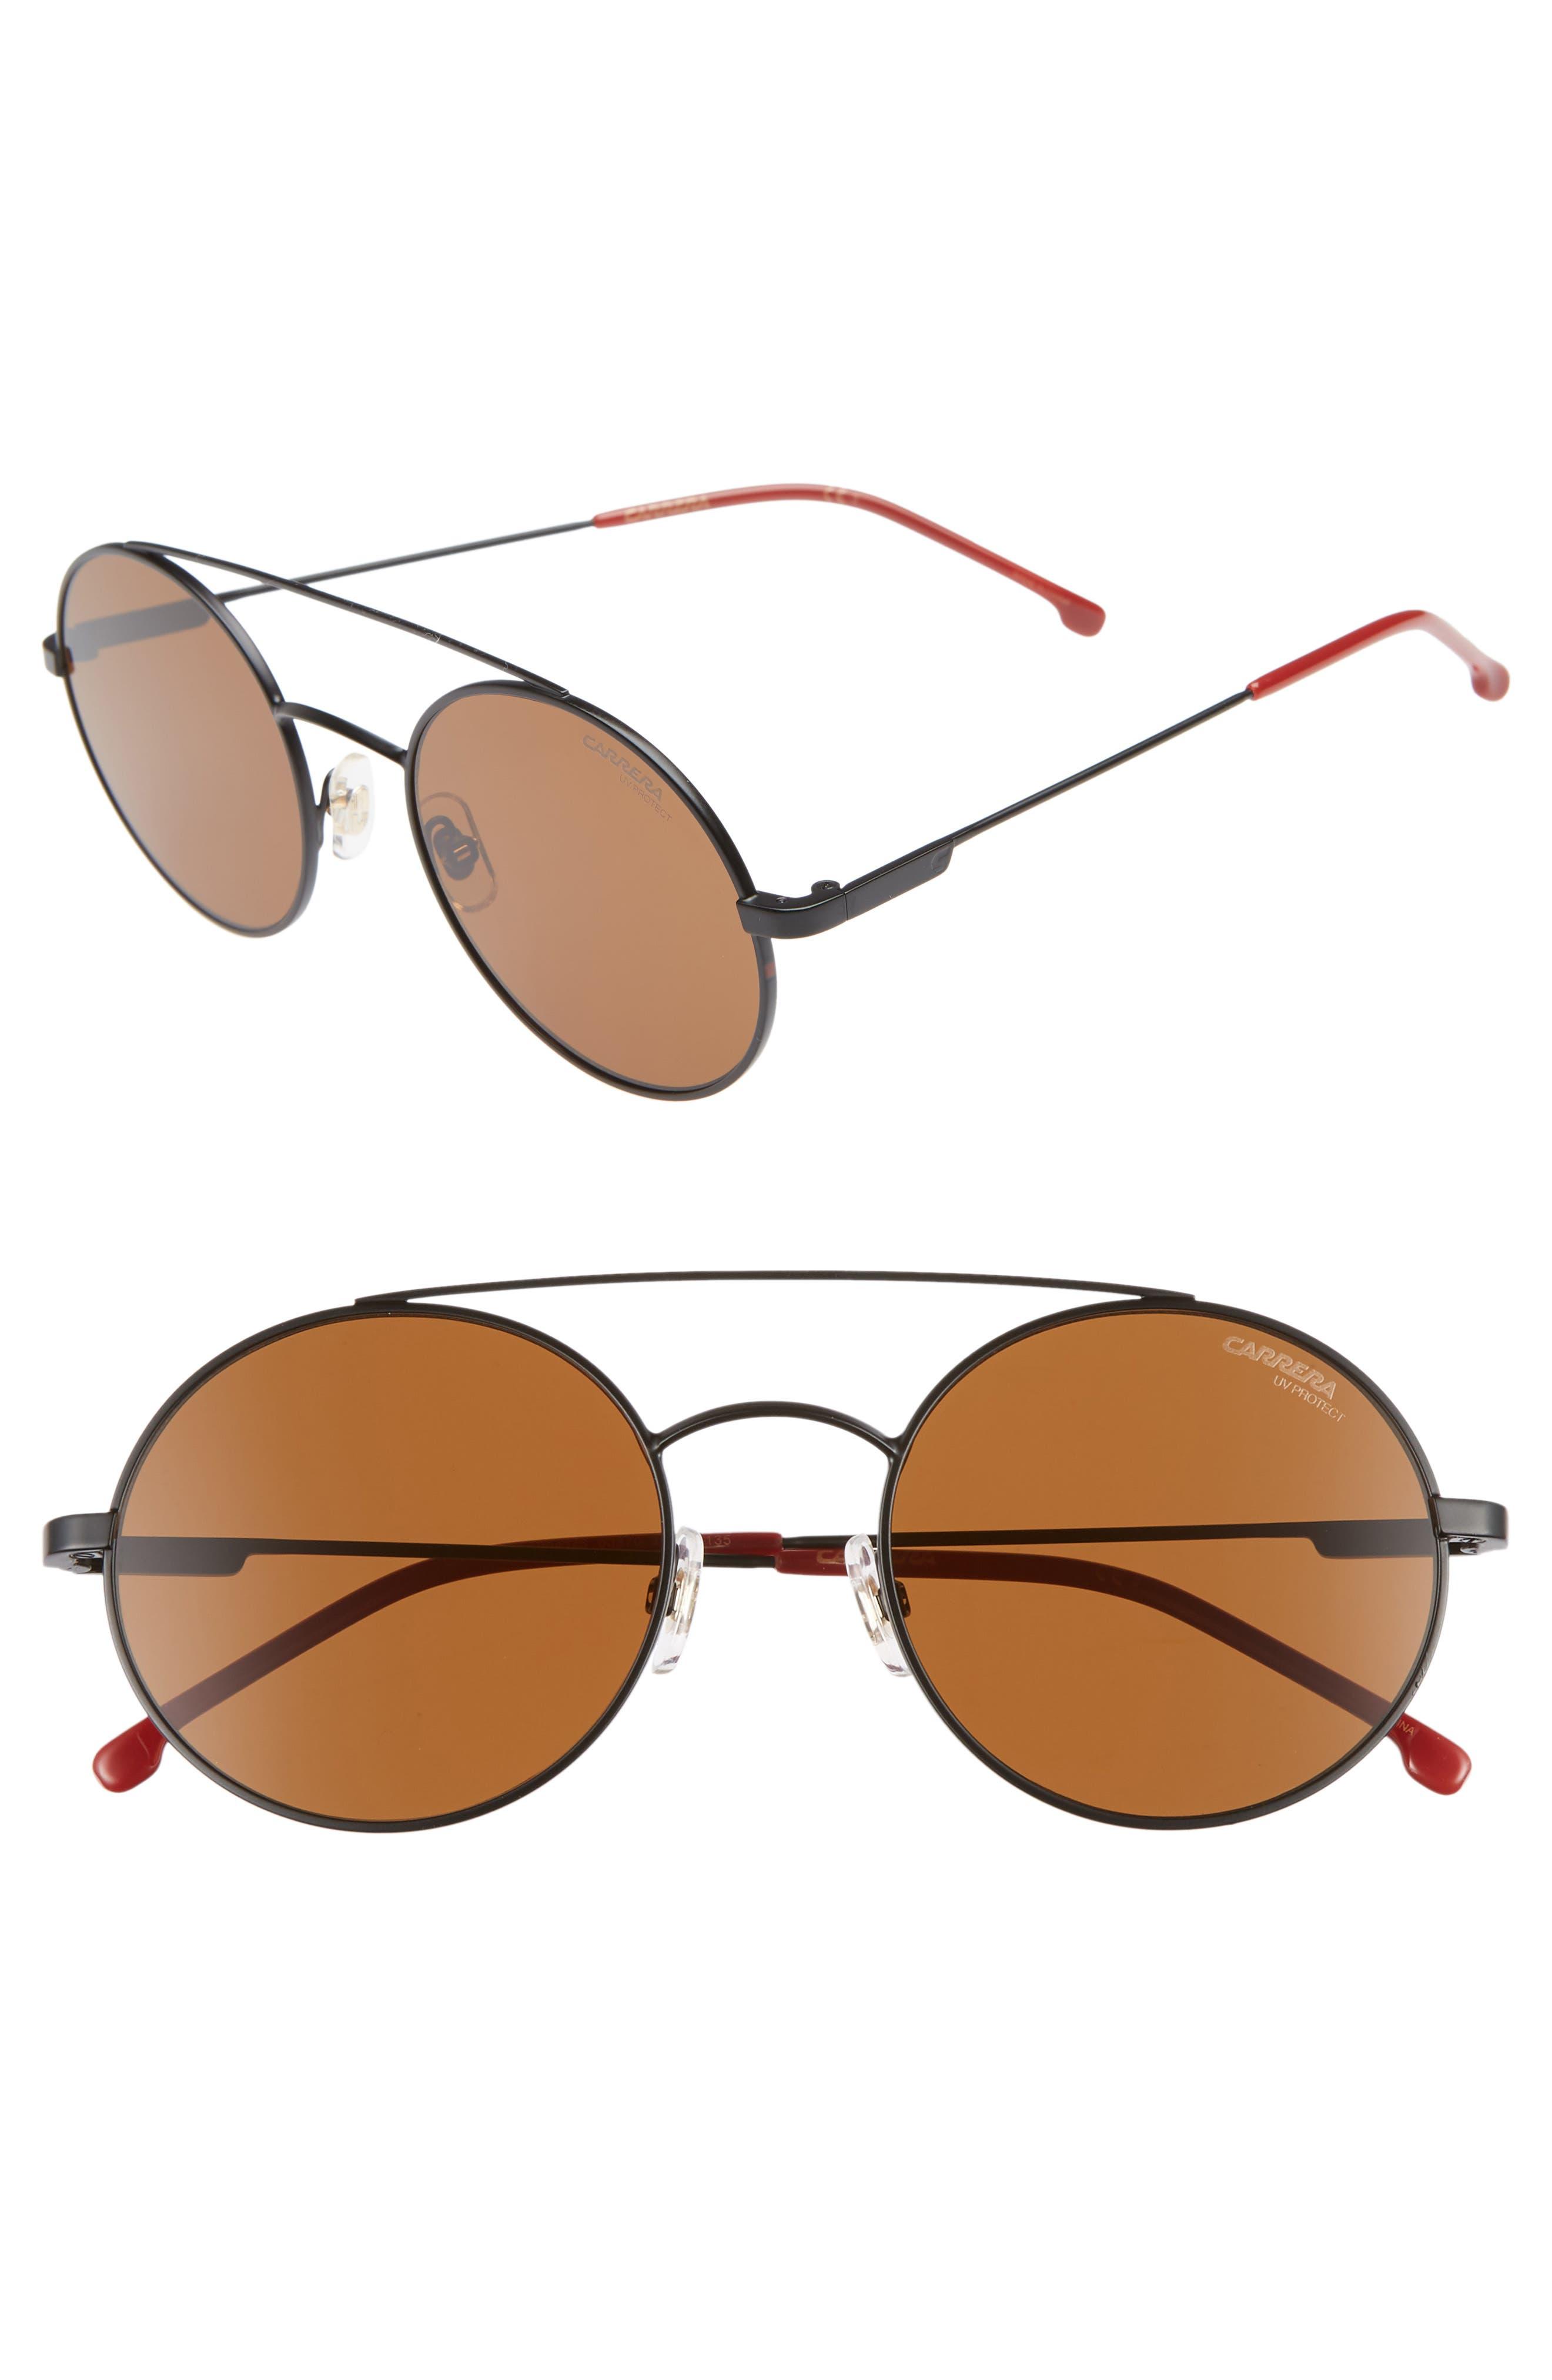 51mm Round Sunglasses,                             Main thumbnail 1, color,                             MATTE BLACK